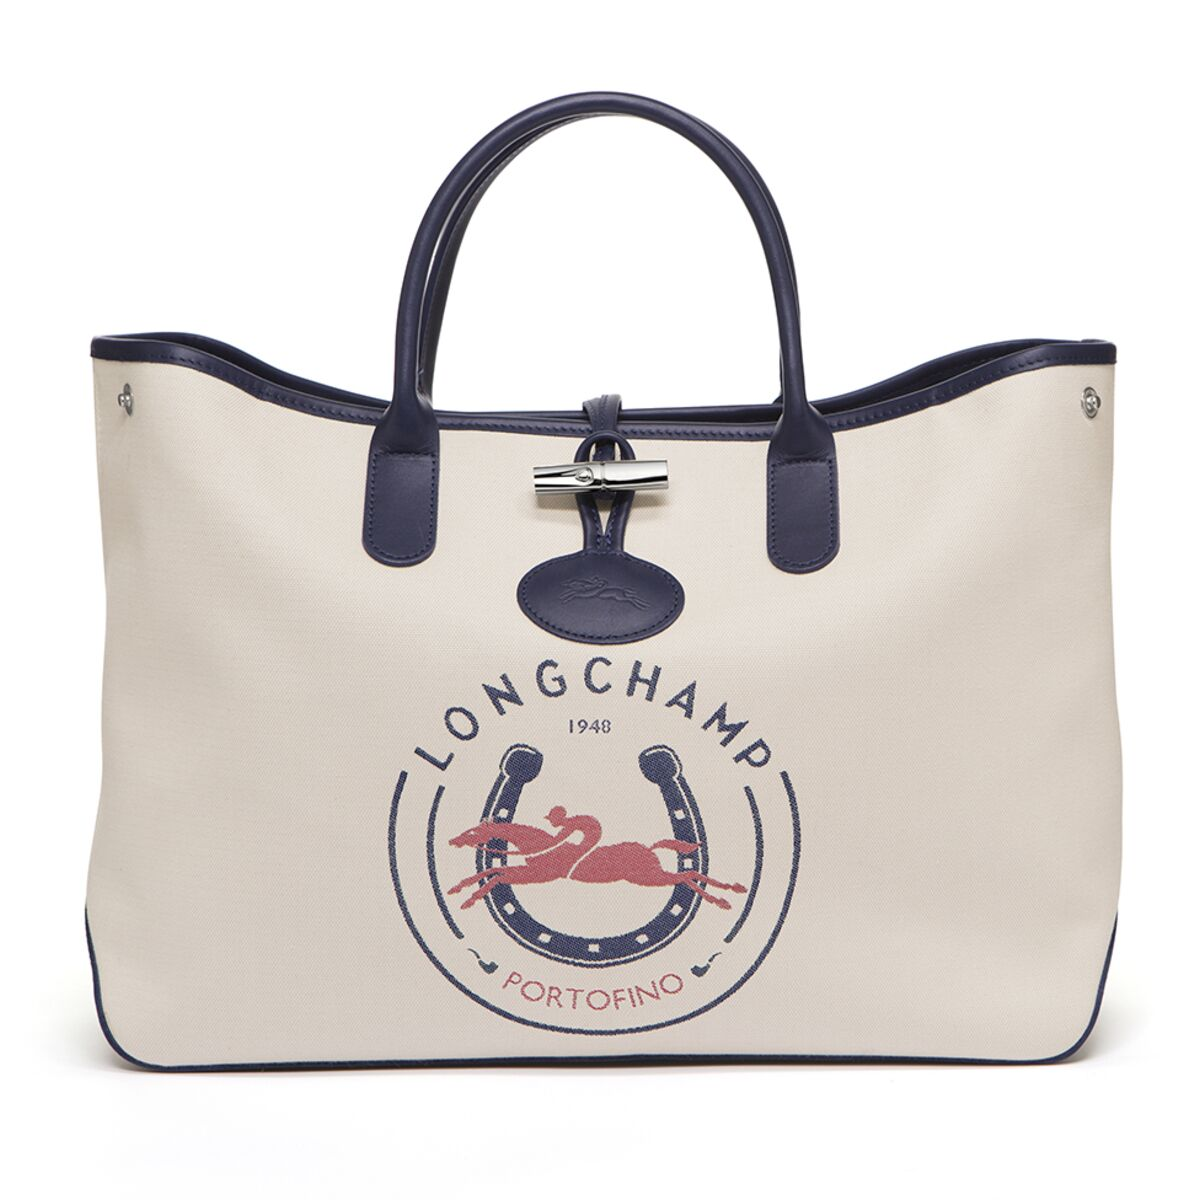 Longchamp réédite son sac Roseau, en toile jacquard et au nom de ...